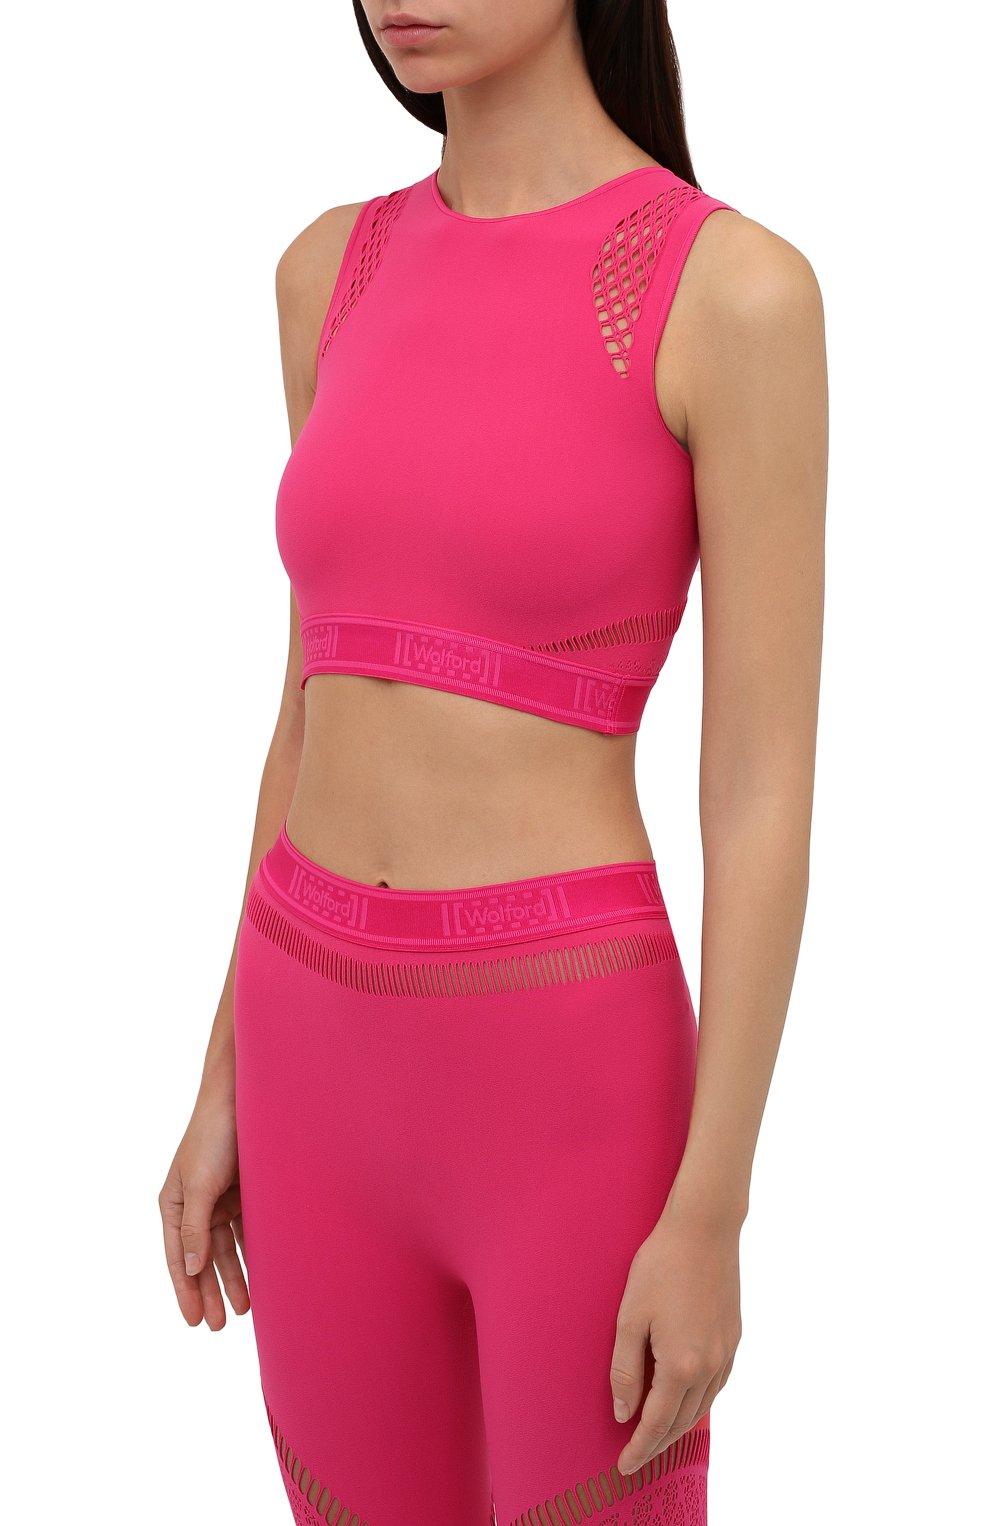 Женский топ WOLFORD розового цвета, арт. 52854 | Фото 3 (Женское Кросс-КТ: Топ-спорт; Материал внешний: Синтетический материал; Стили: Спорт-шик; Длина (для топов): Укороченные)